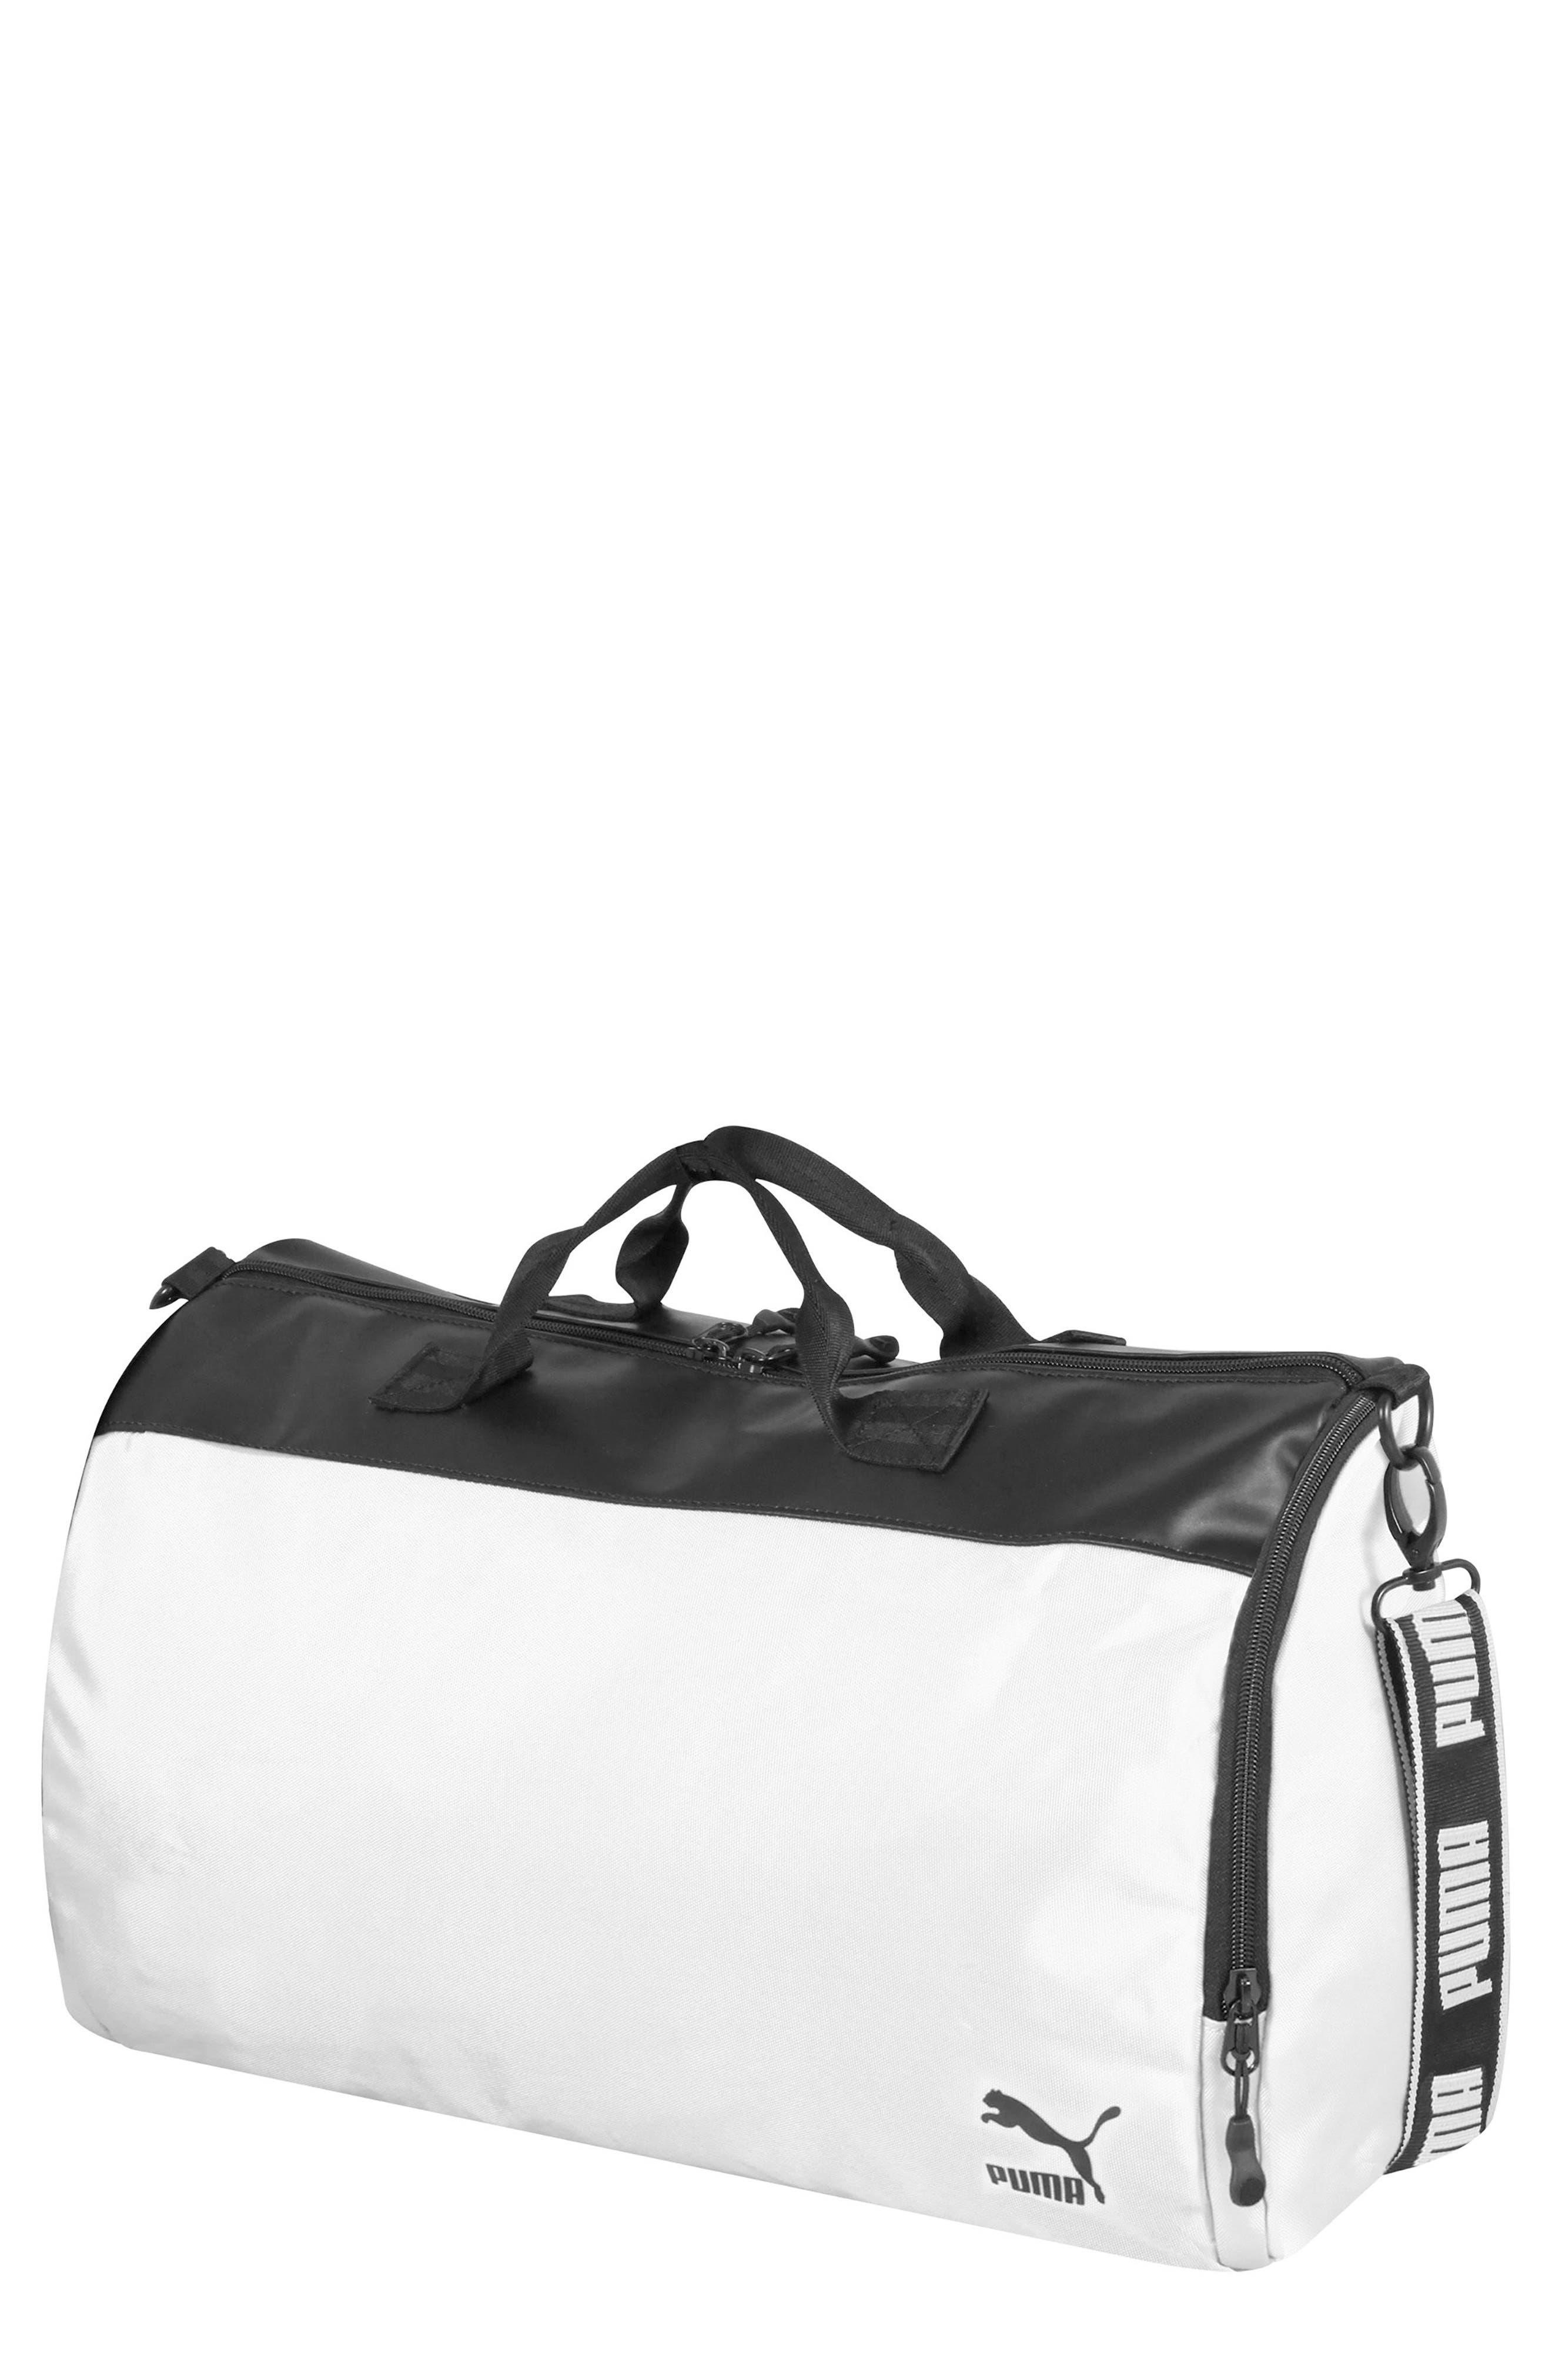 Archive Duffel Bag,                         Main,                         color, BLACK/ WHITE